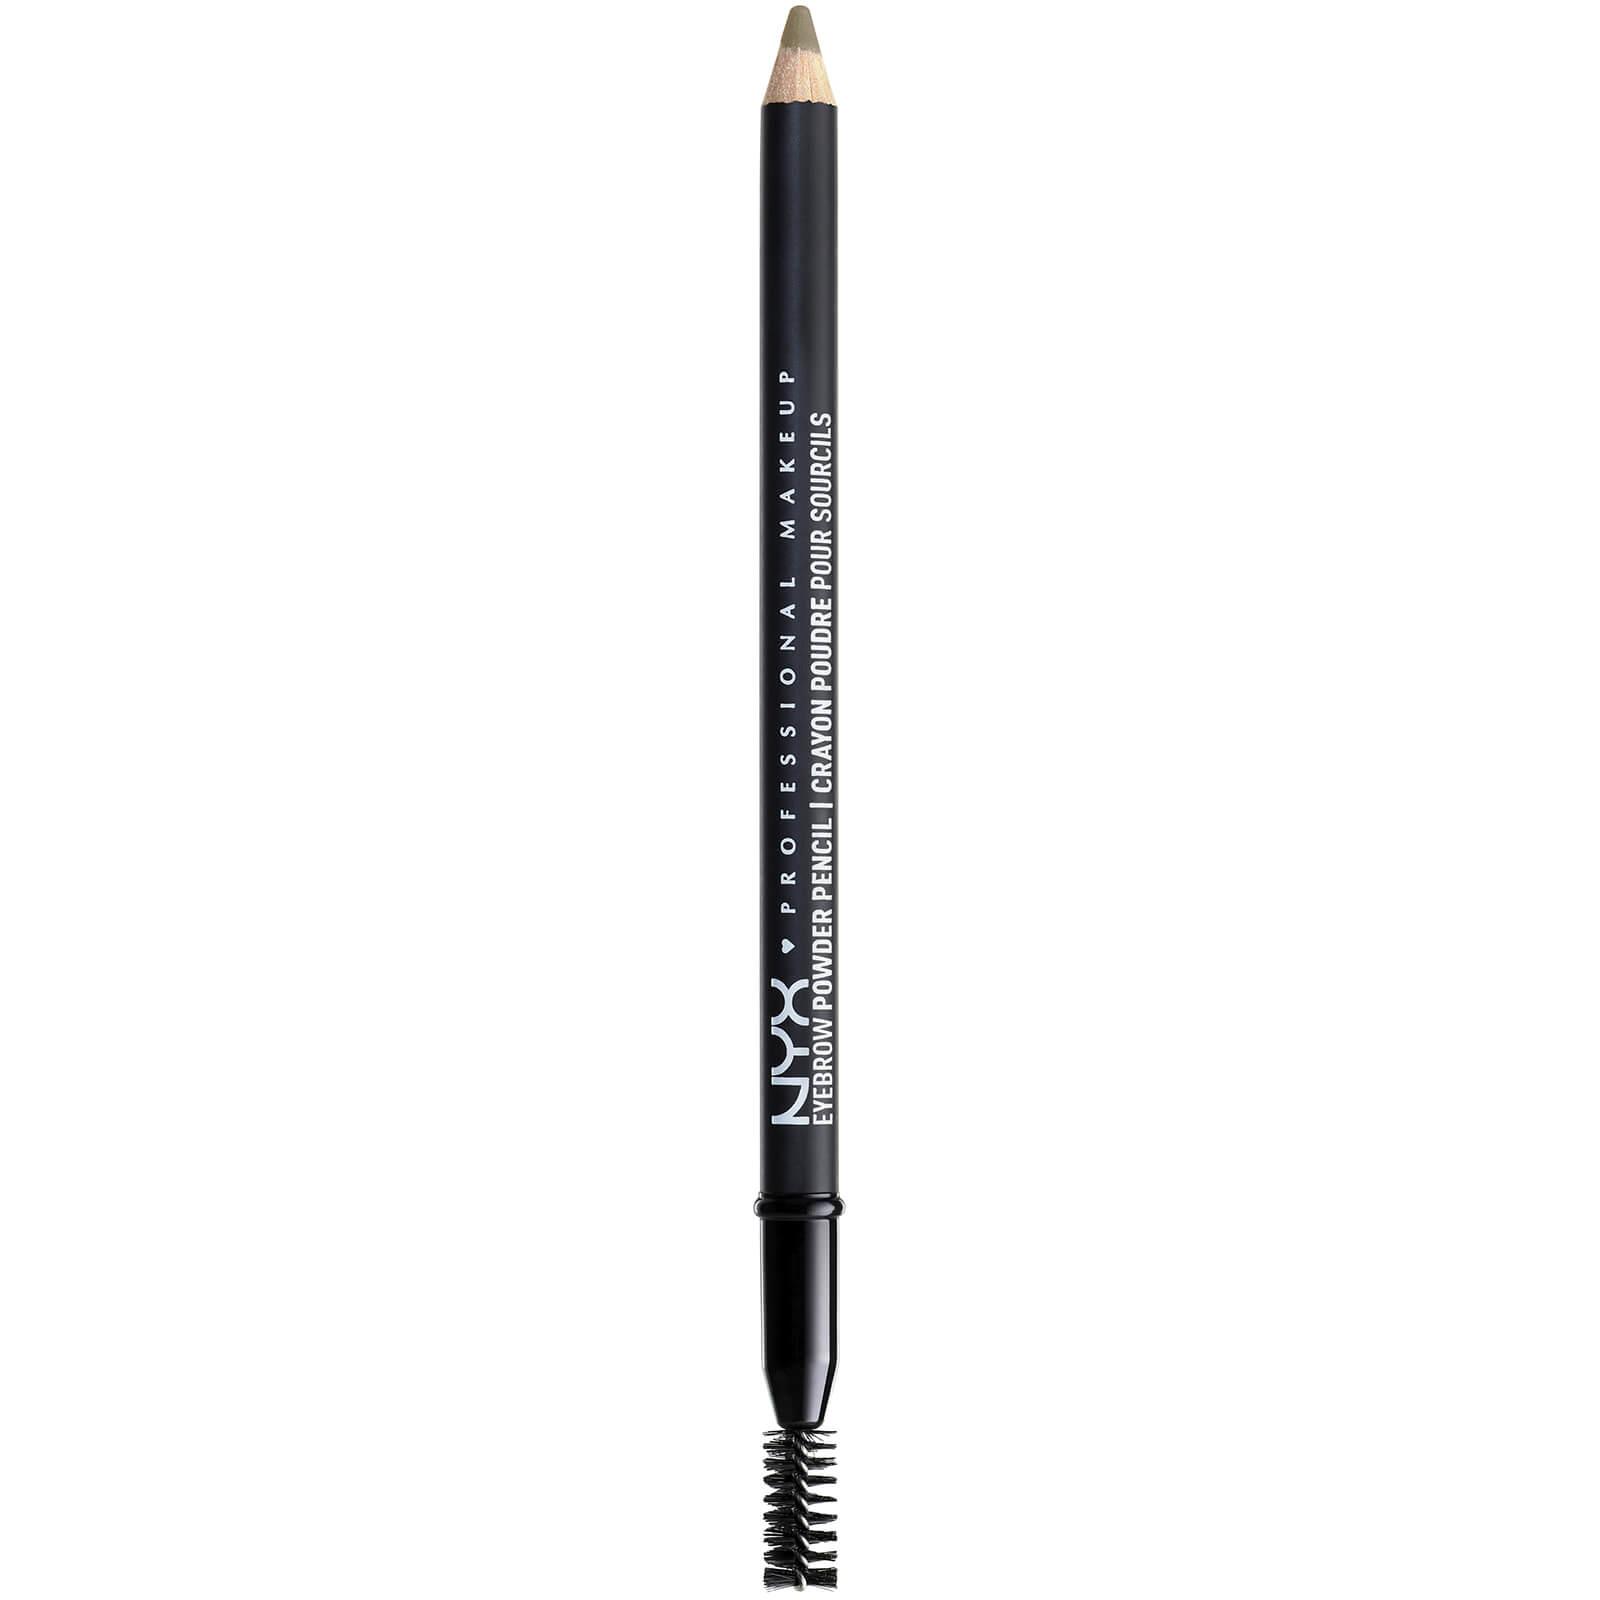 Купить Пудровый карандаш для бровей NYX Professional Makeup Eyebrow Powder Pencil (различные оттенки) - Taupe